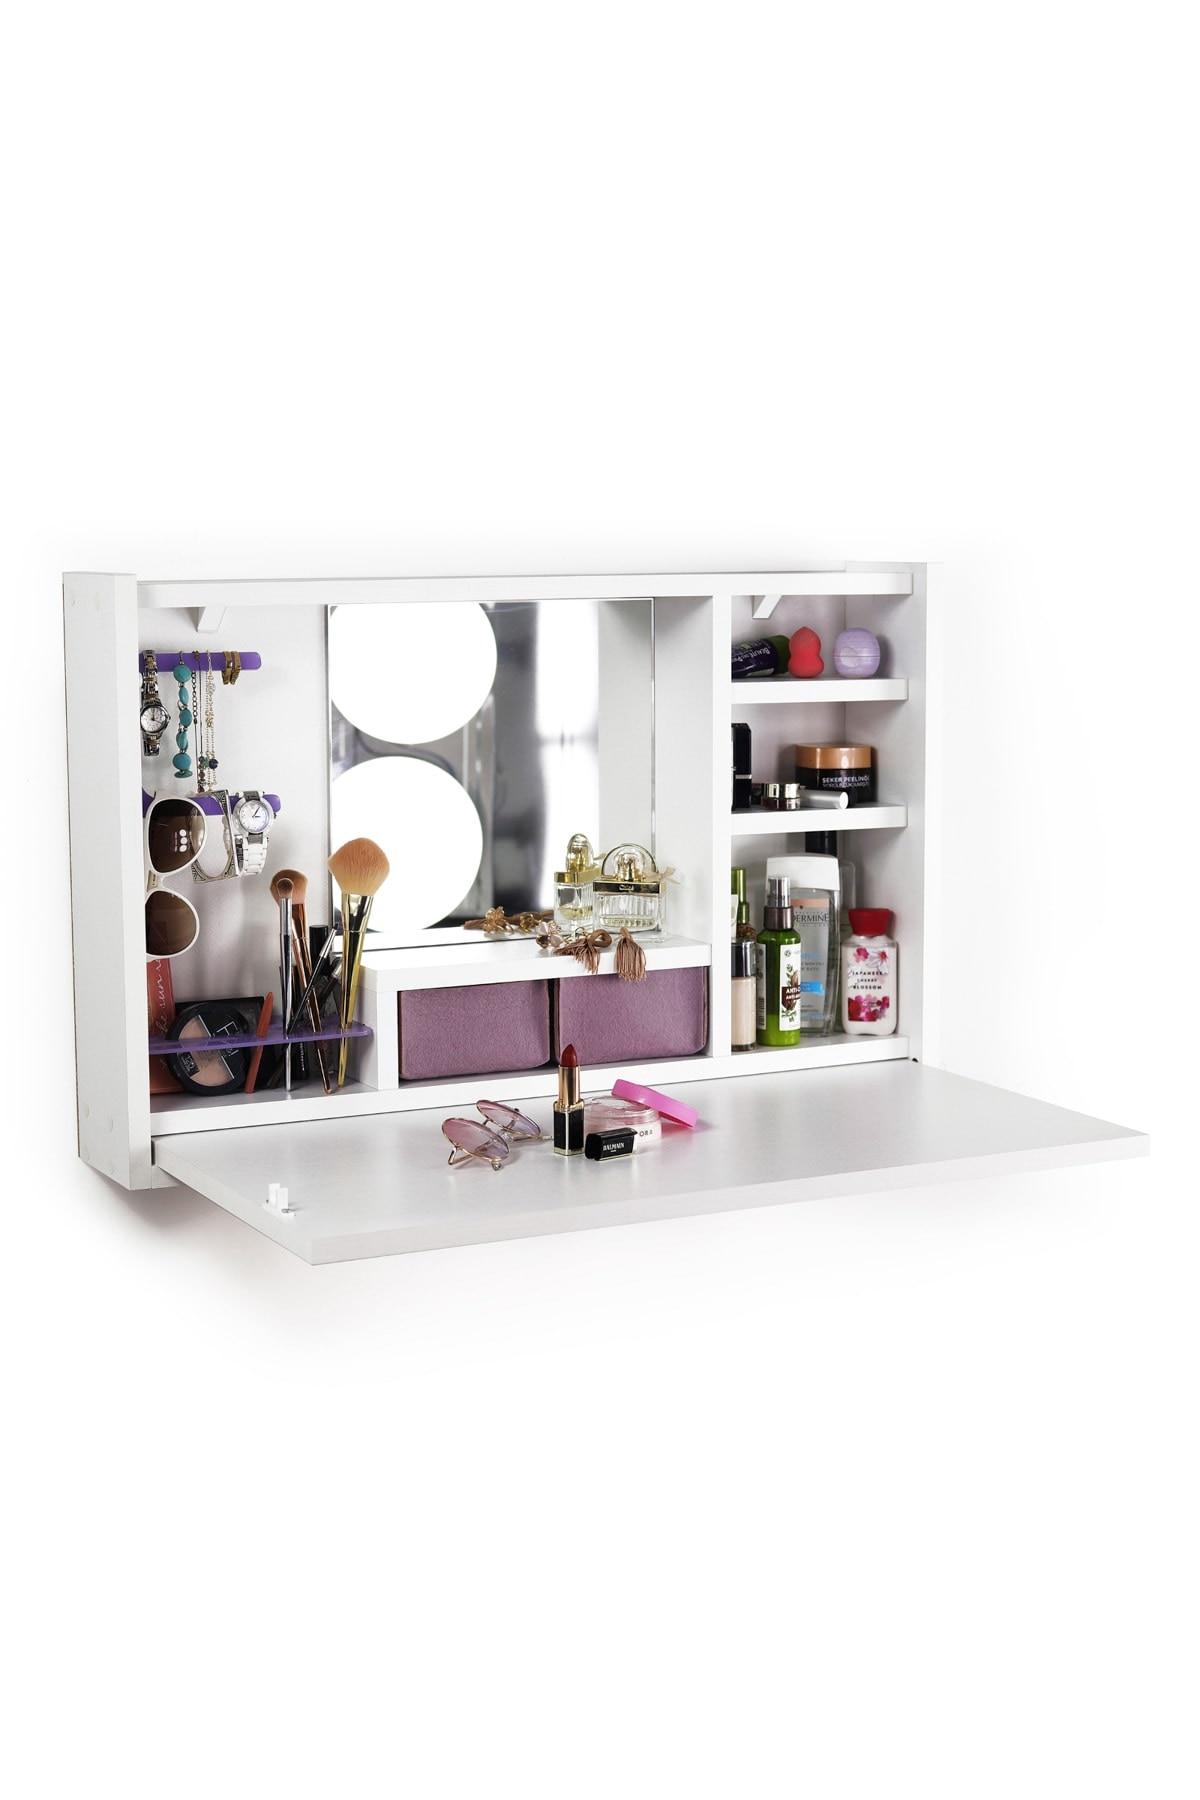 حوض الحمام ، منضدة الزينة ، أثاث غرفة النوم ، حوض الحمام ، ترتيب التخزين ، المواد ، الشحن المجاني